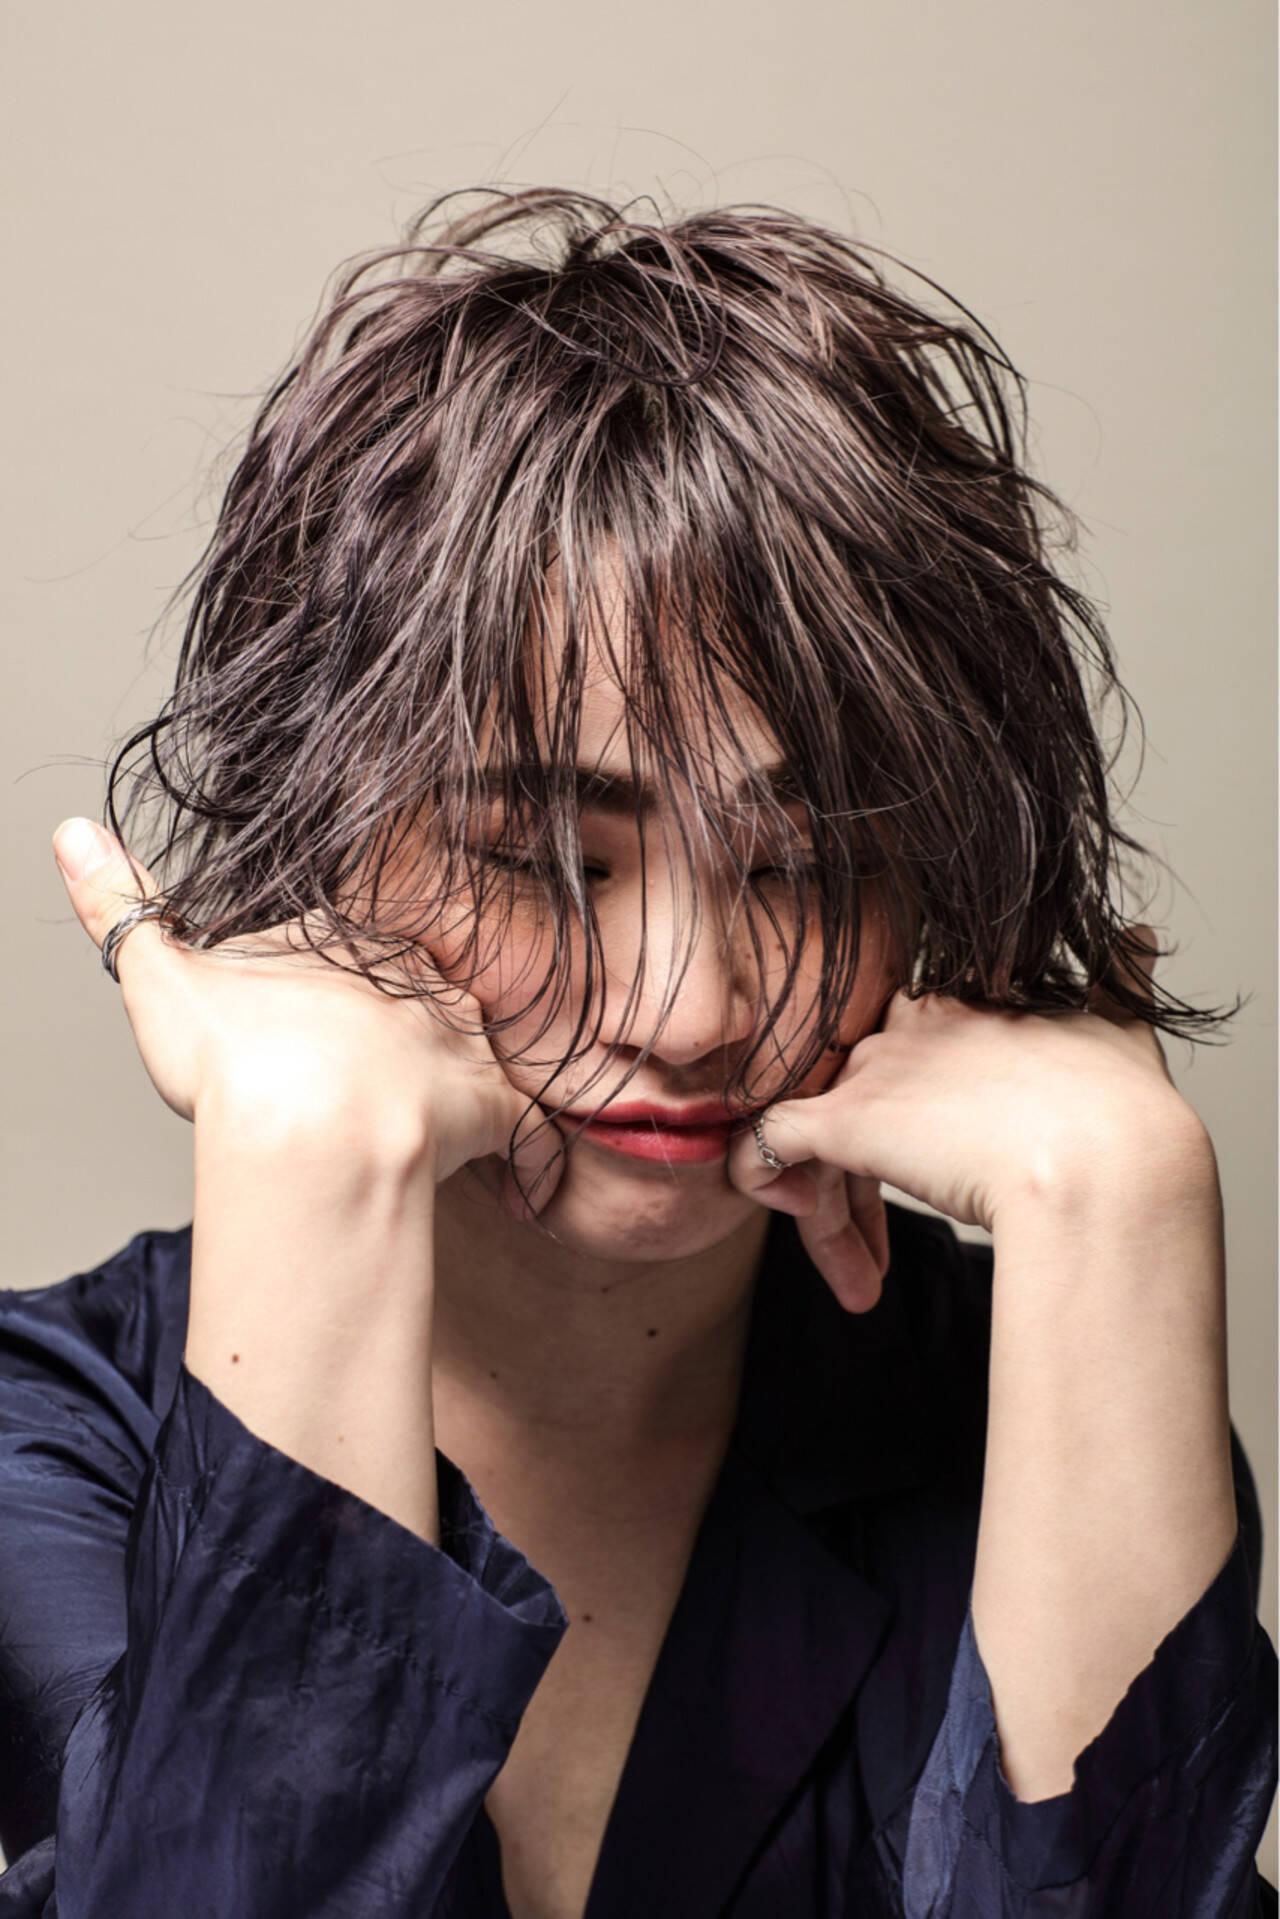 モード 艶髪 抜け感 ウェットヘアヘアスタイルや髪型の写真・画像